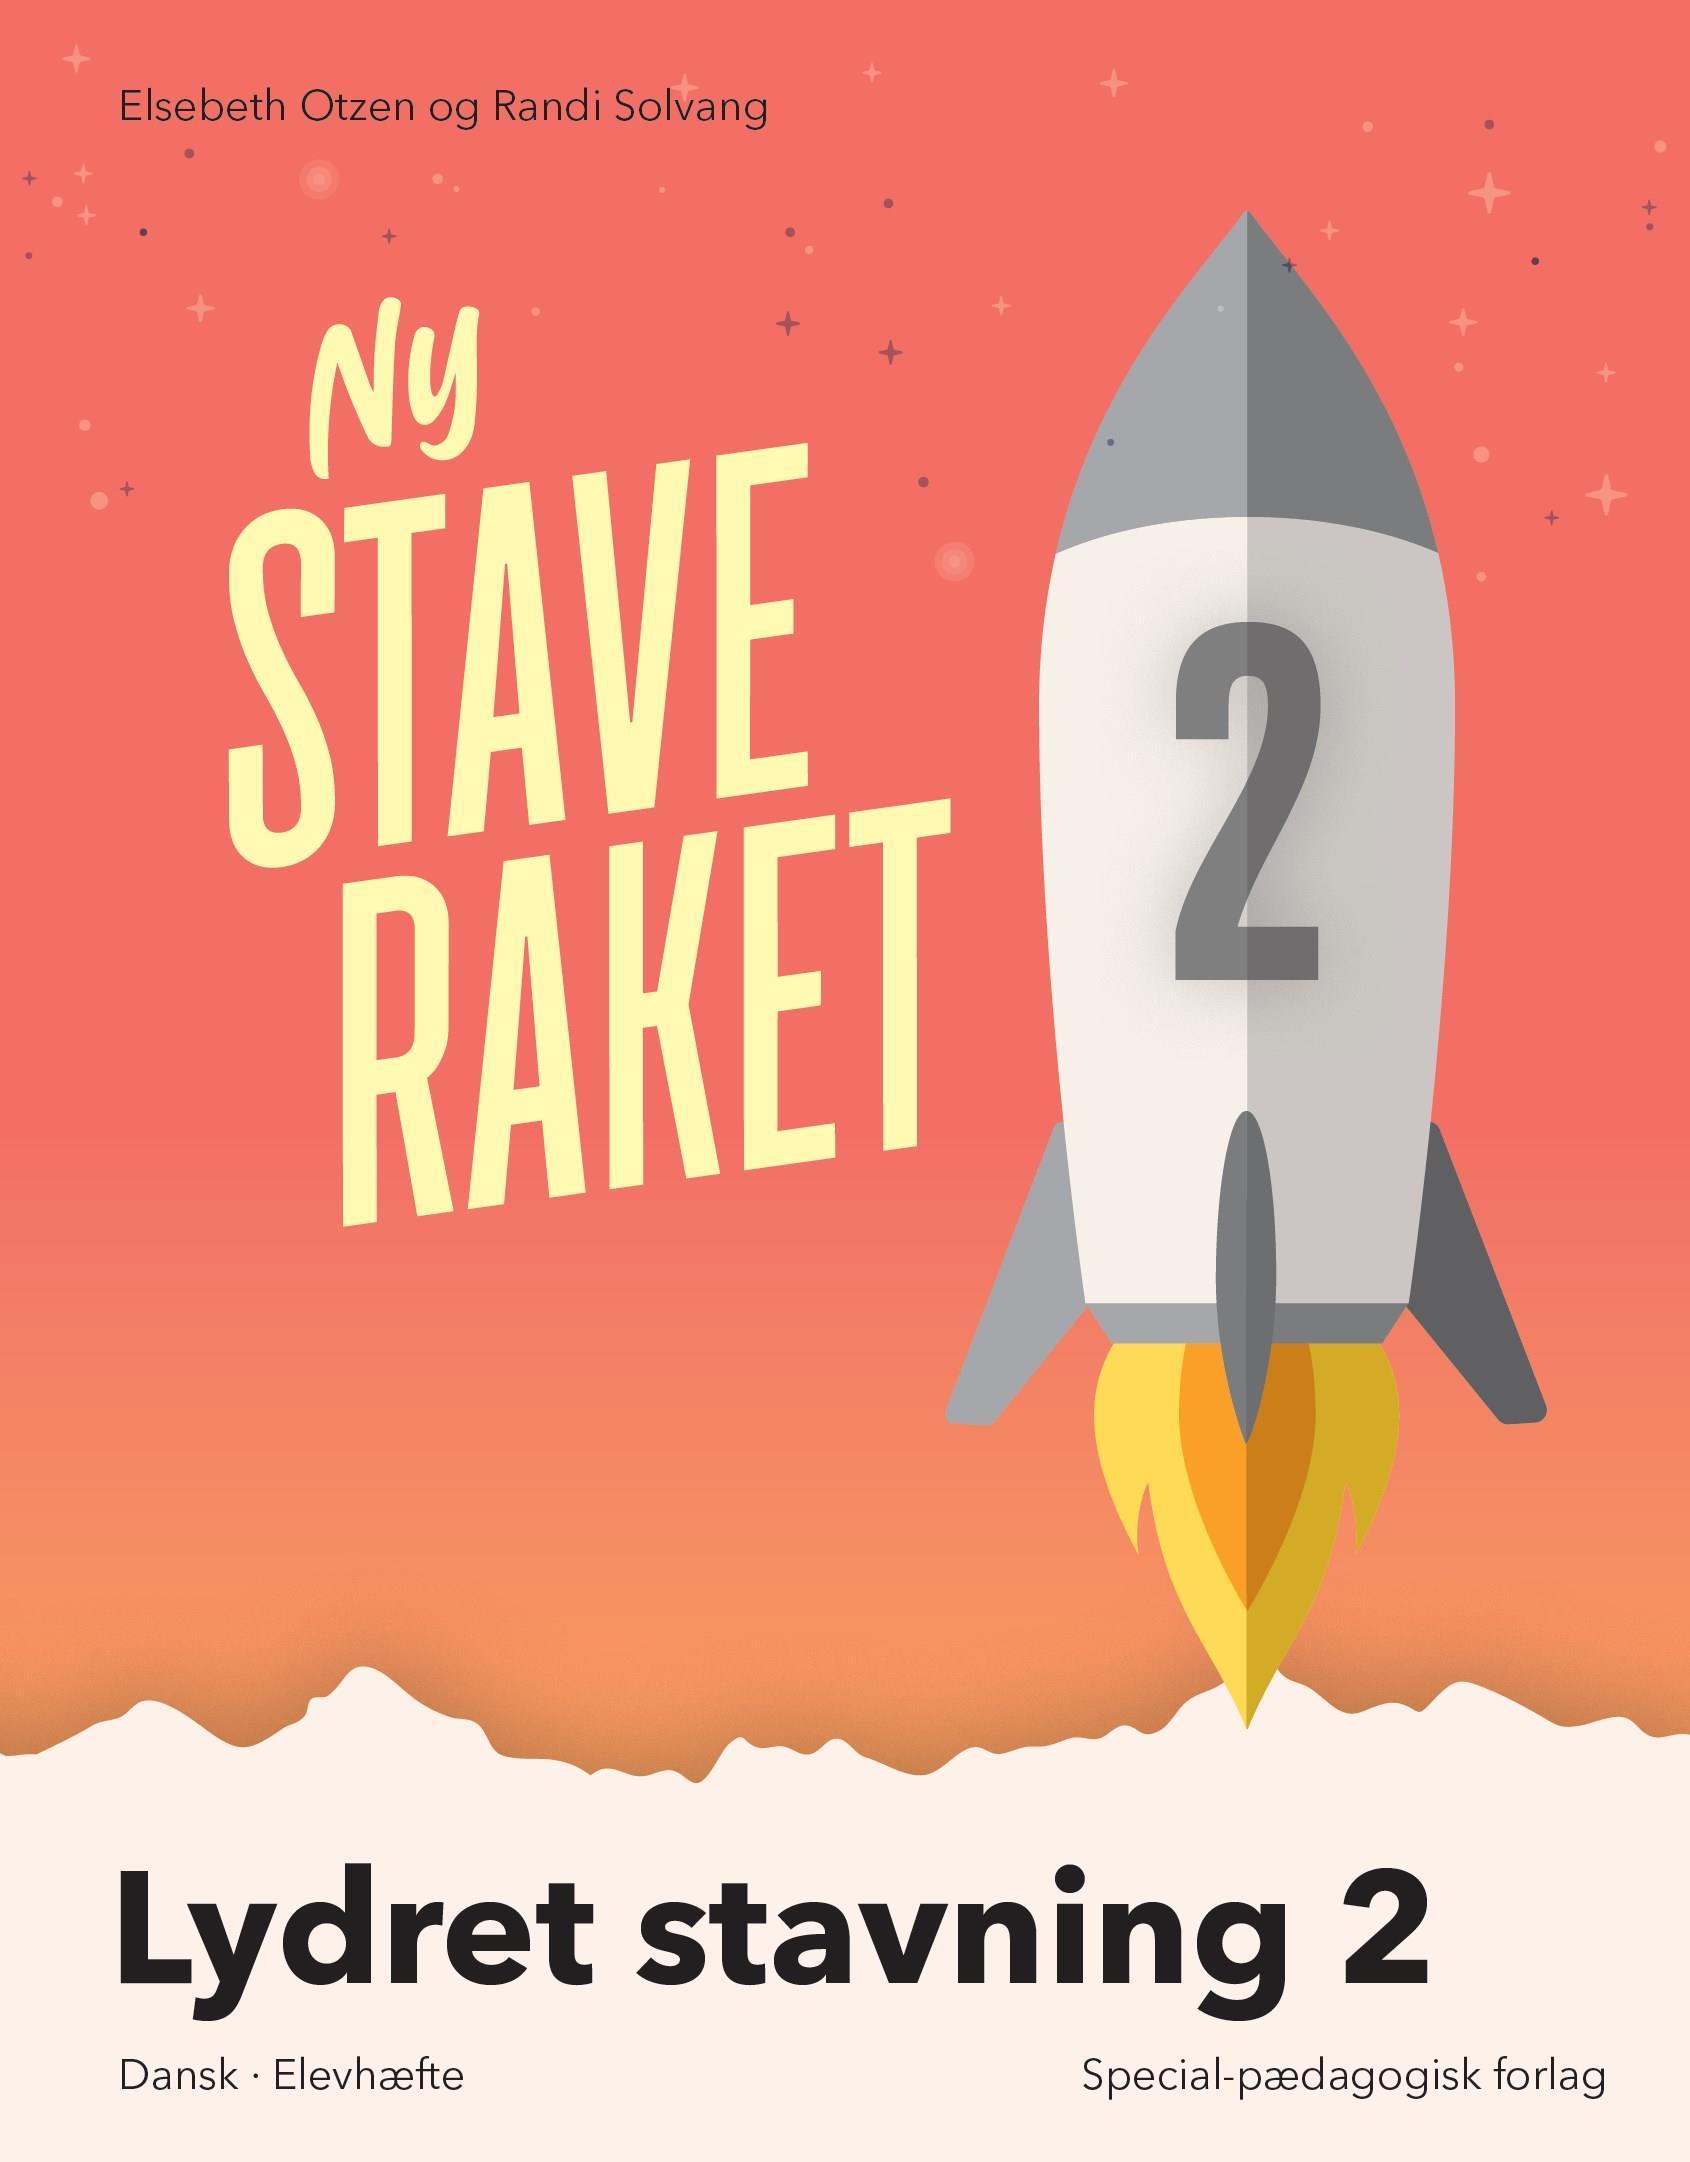 Ny Staveraket: Ny Staveraket, Fase 2, Lydret stavning 2 - Elsebeth Otzen; Randi Solvang - Bøger - Alinea - 9788723540423 - 19. august 2019